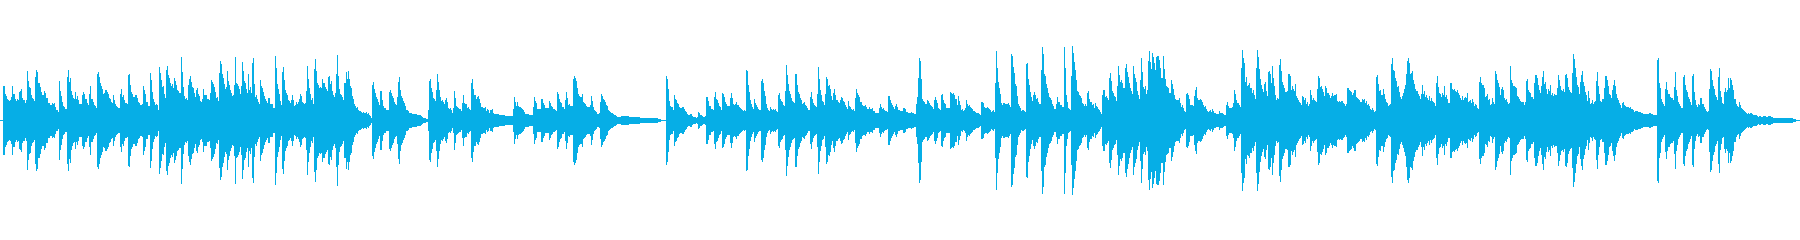 冬のように切ないピアノソロ、ループ音源の再生済みの波形